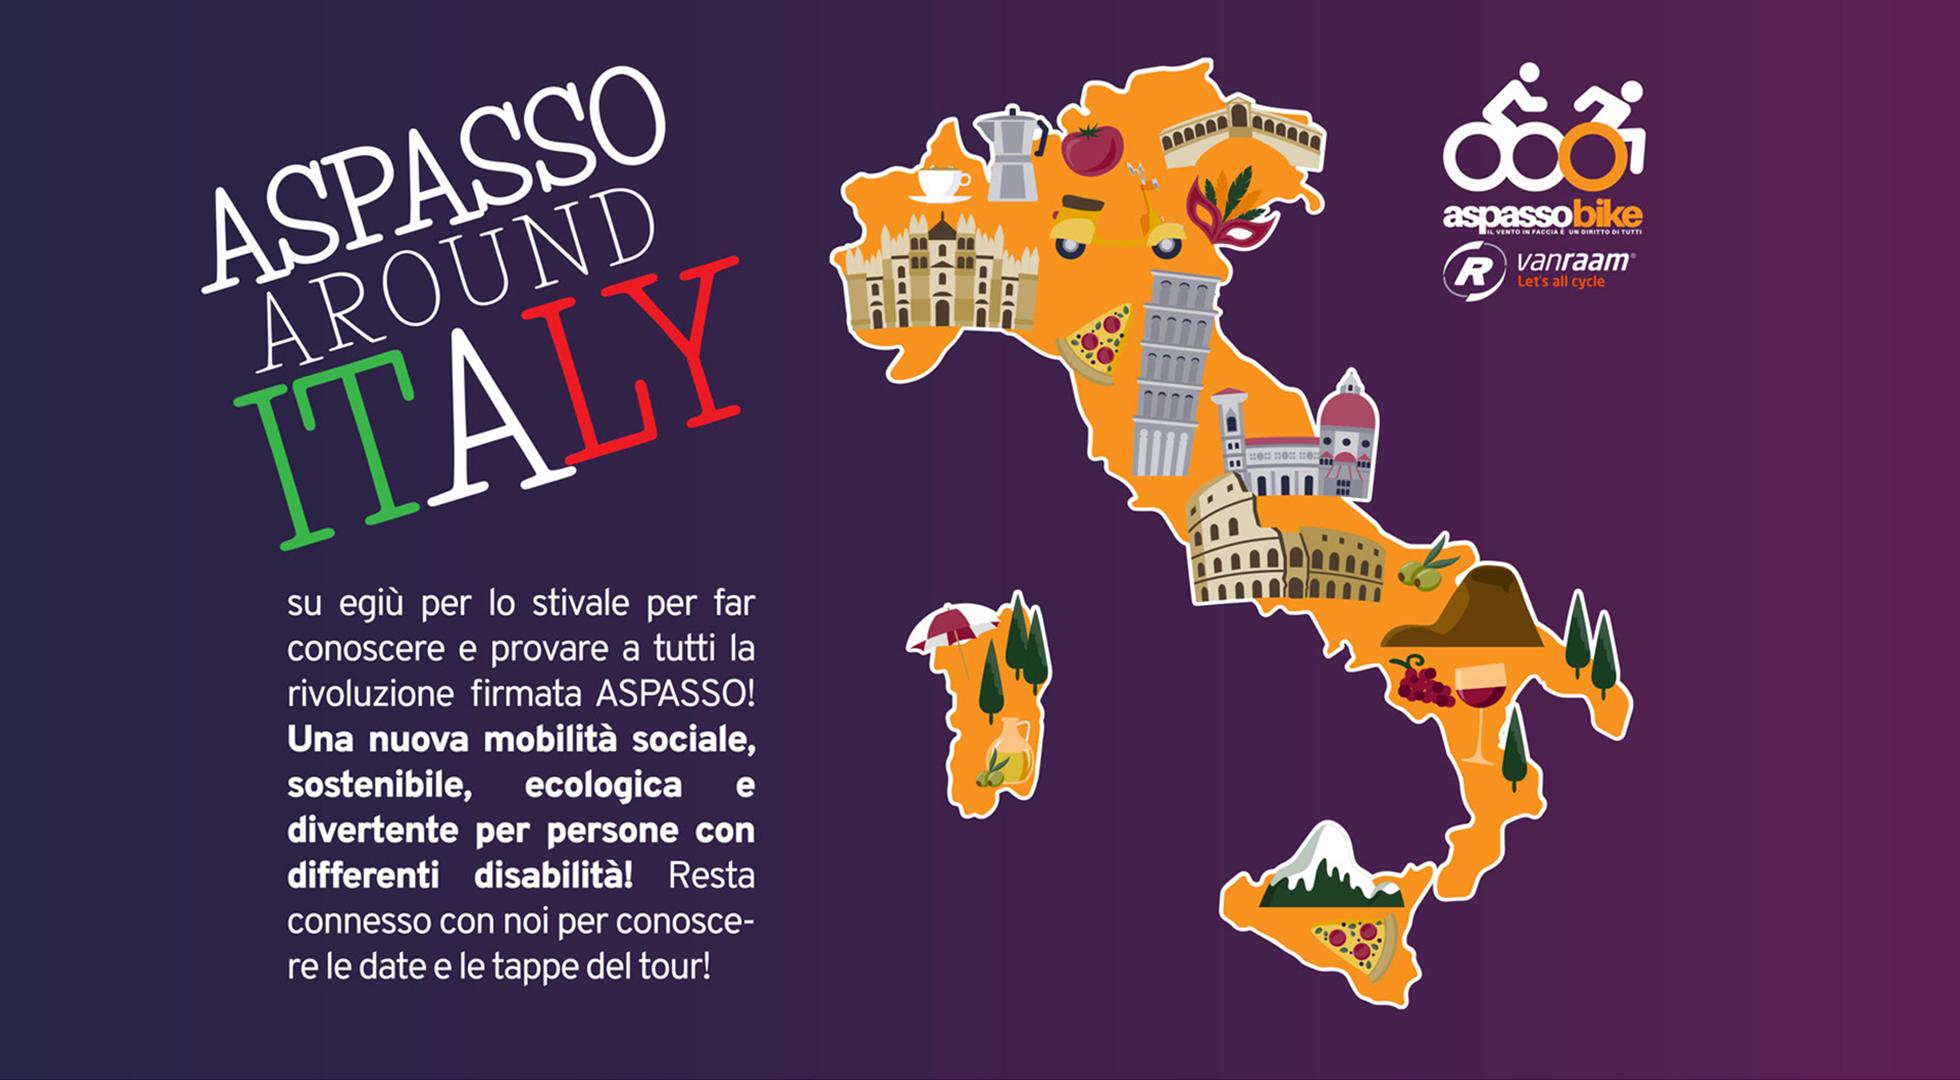 Aspasso Around Italy: immagine promozionale del tour